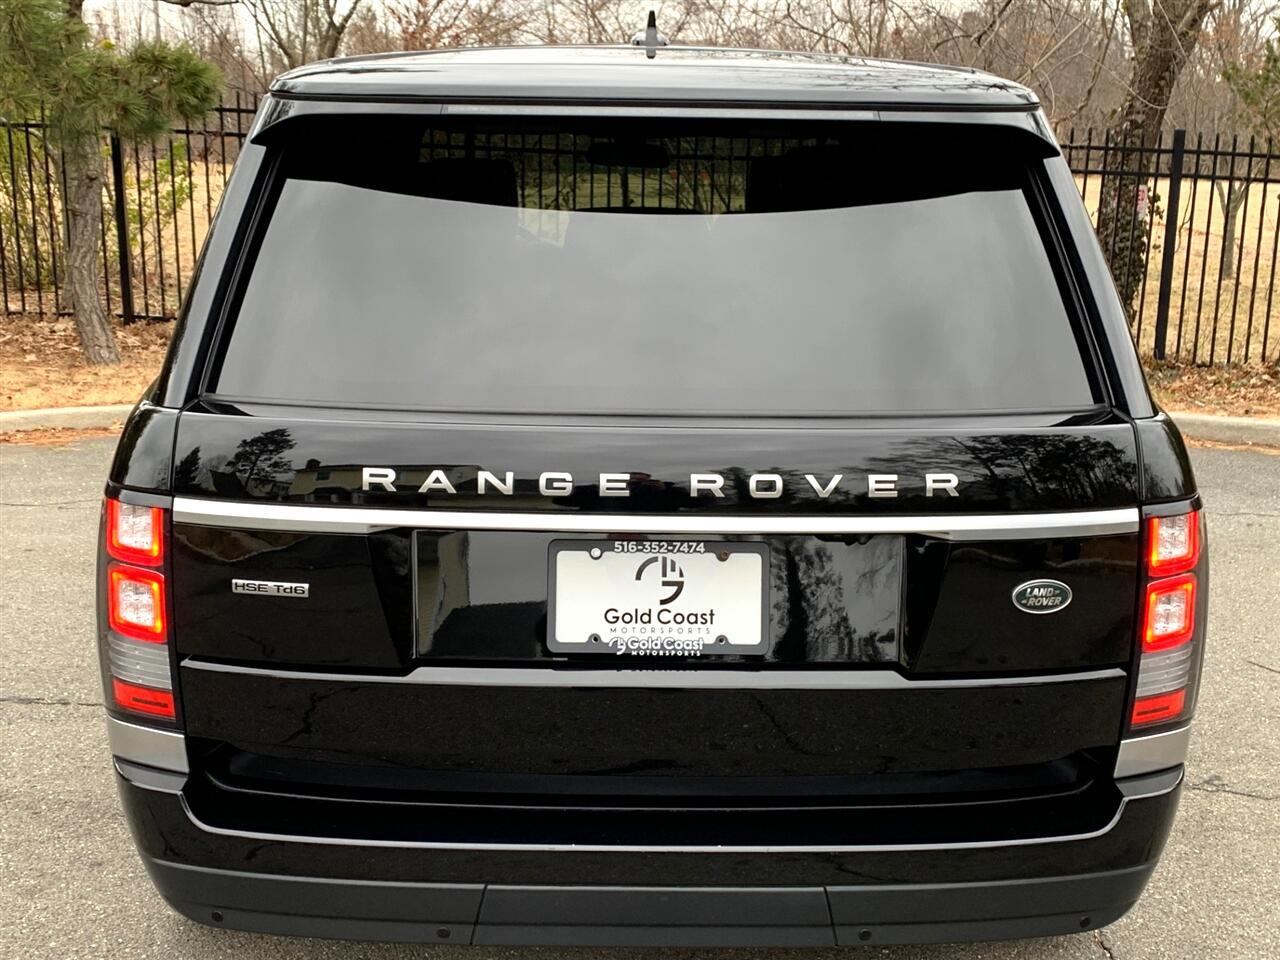 Land Rover Range Rover HSE 2016